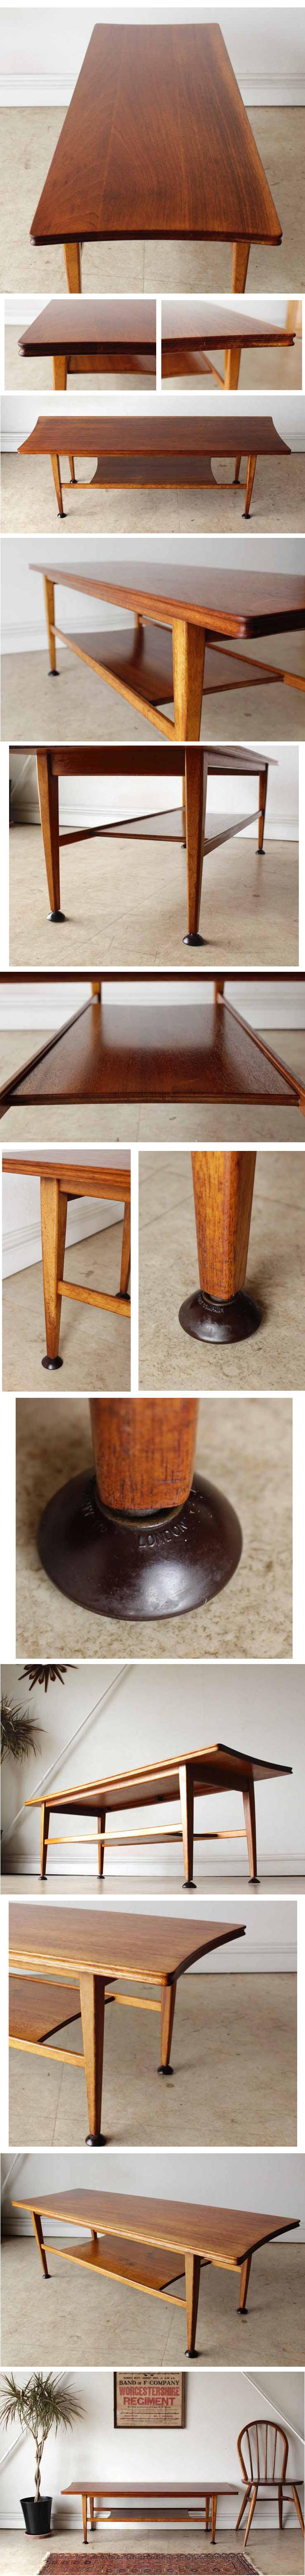 コーヒーテーブル・センターテーブル・チーク・マガジンラック・イギリス・ビンテージ・ミッドセンチュリー・北欧